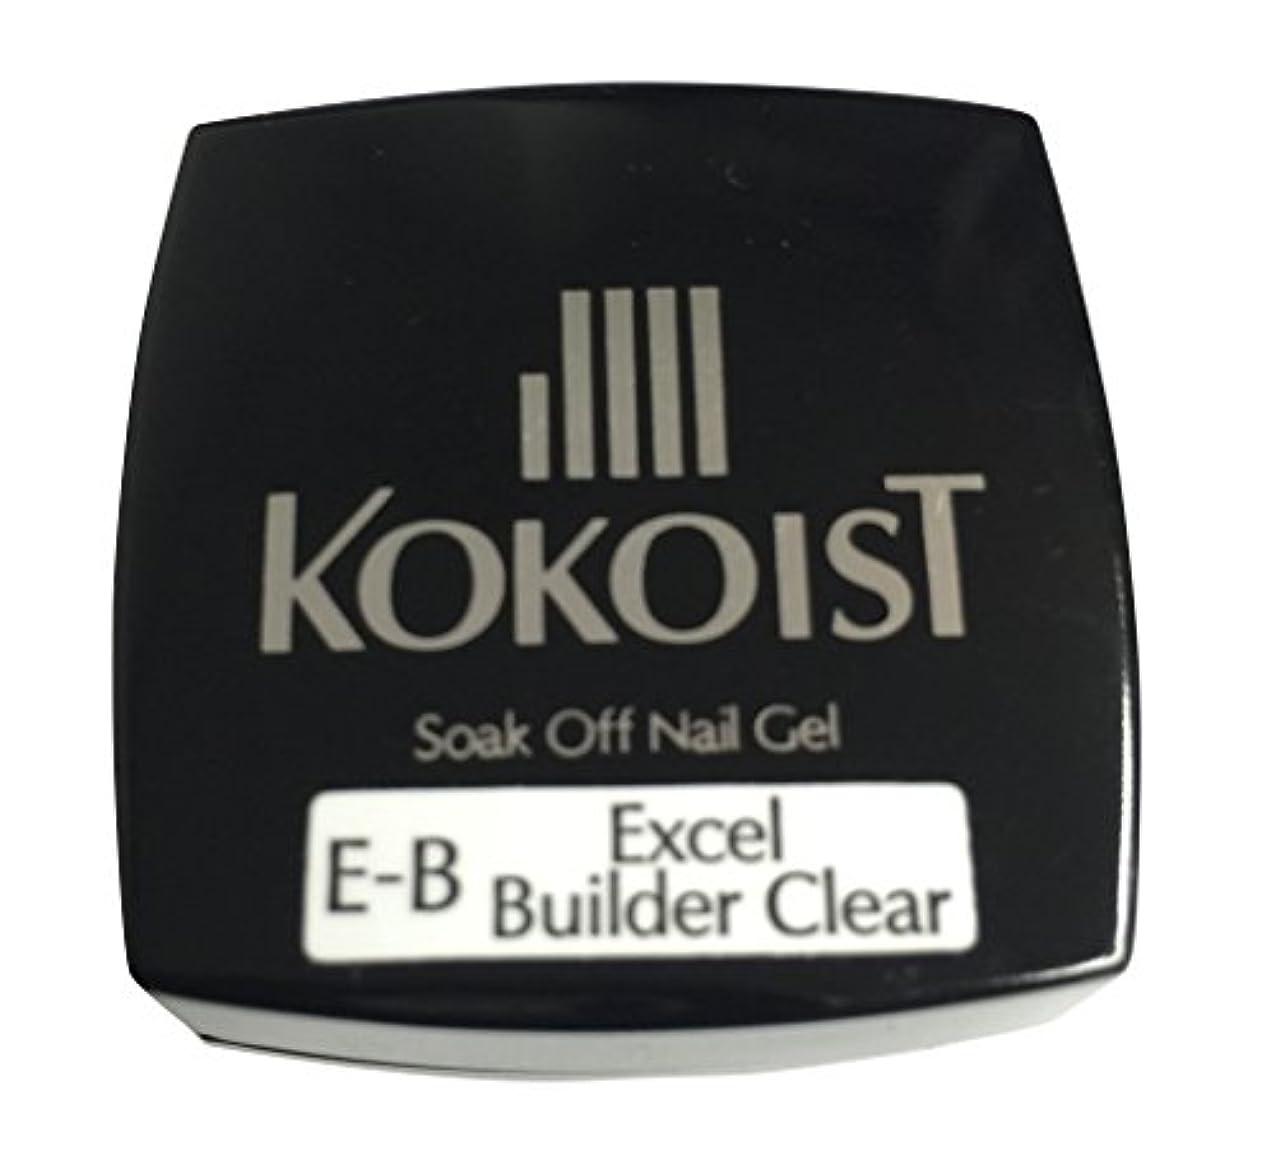 世辞コカインサービスKOKOIST(ココイスト) ソークオフクリアジェル エクセルビルダー  4g